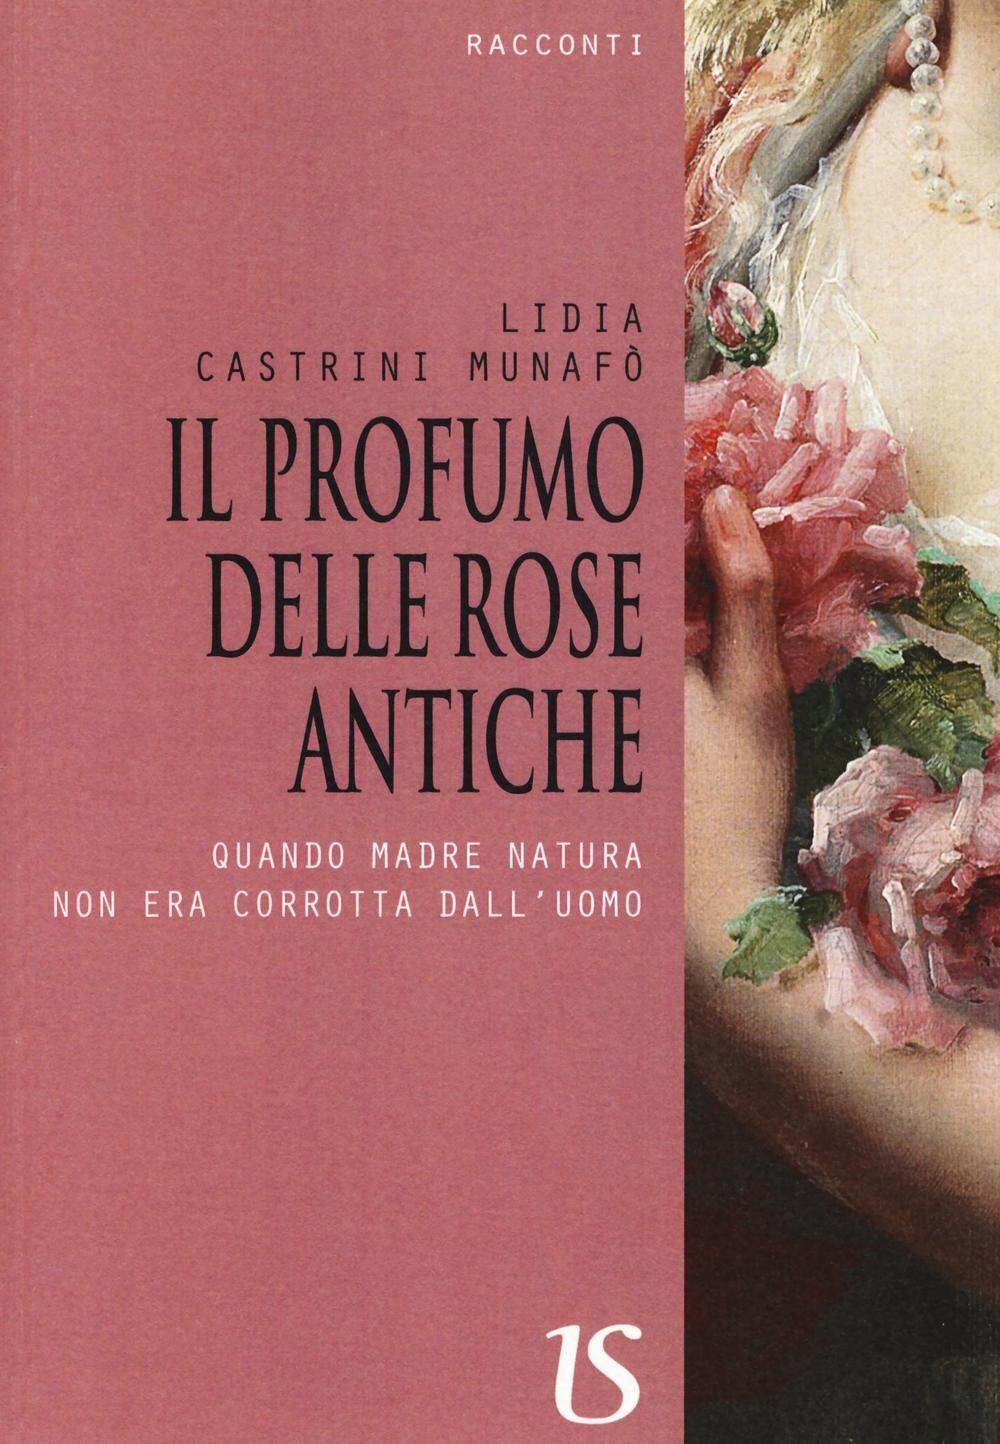 Il profumo delle rose antiche. Quando madre natura non era corrotta dall'uomo